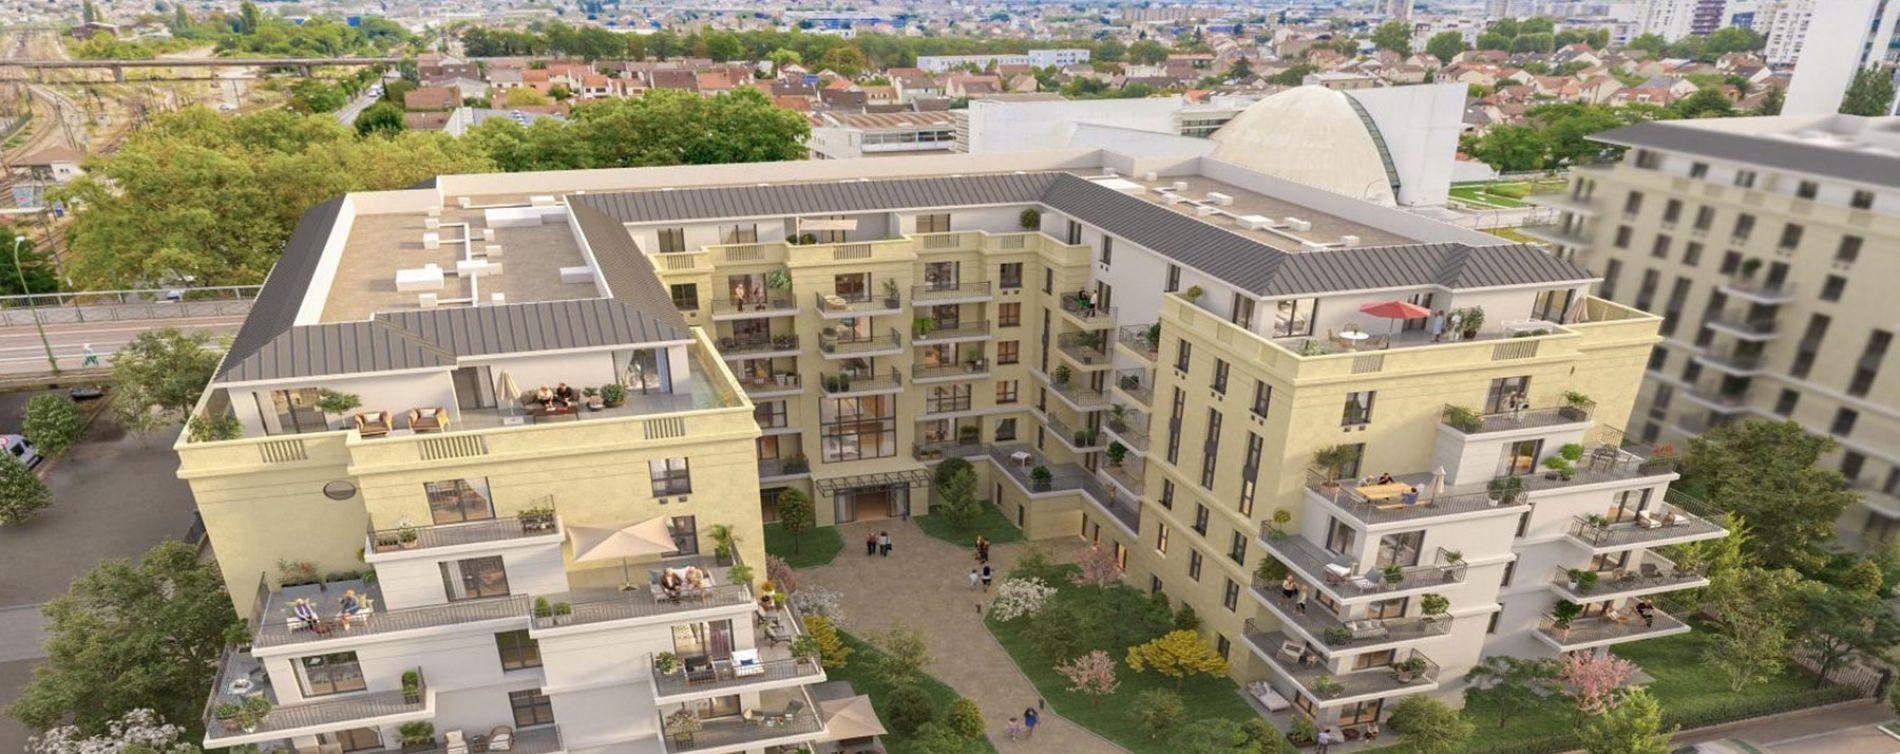 Argenteuil : programme immobilier neuve « Les Canotiers » (2)